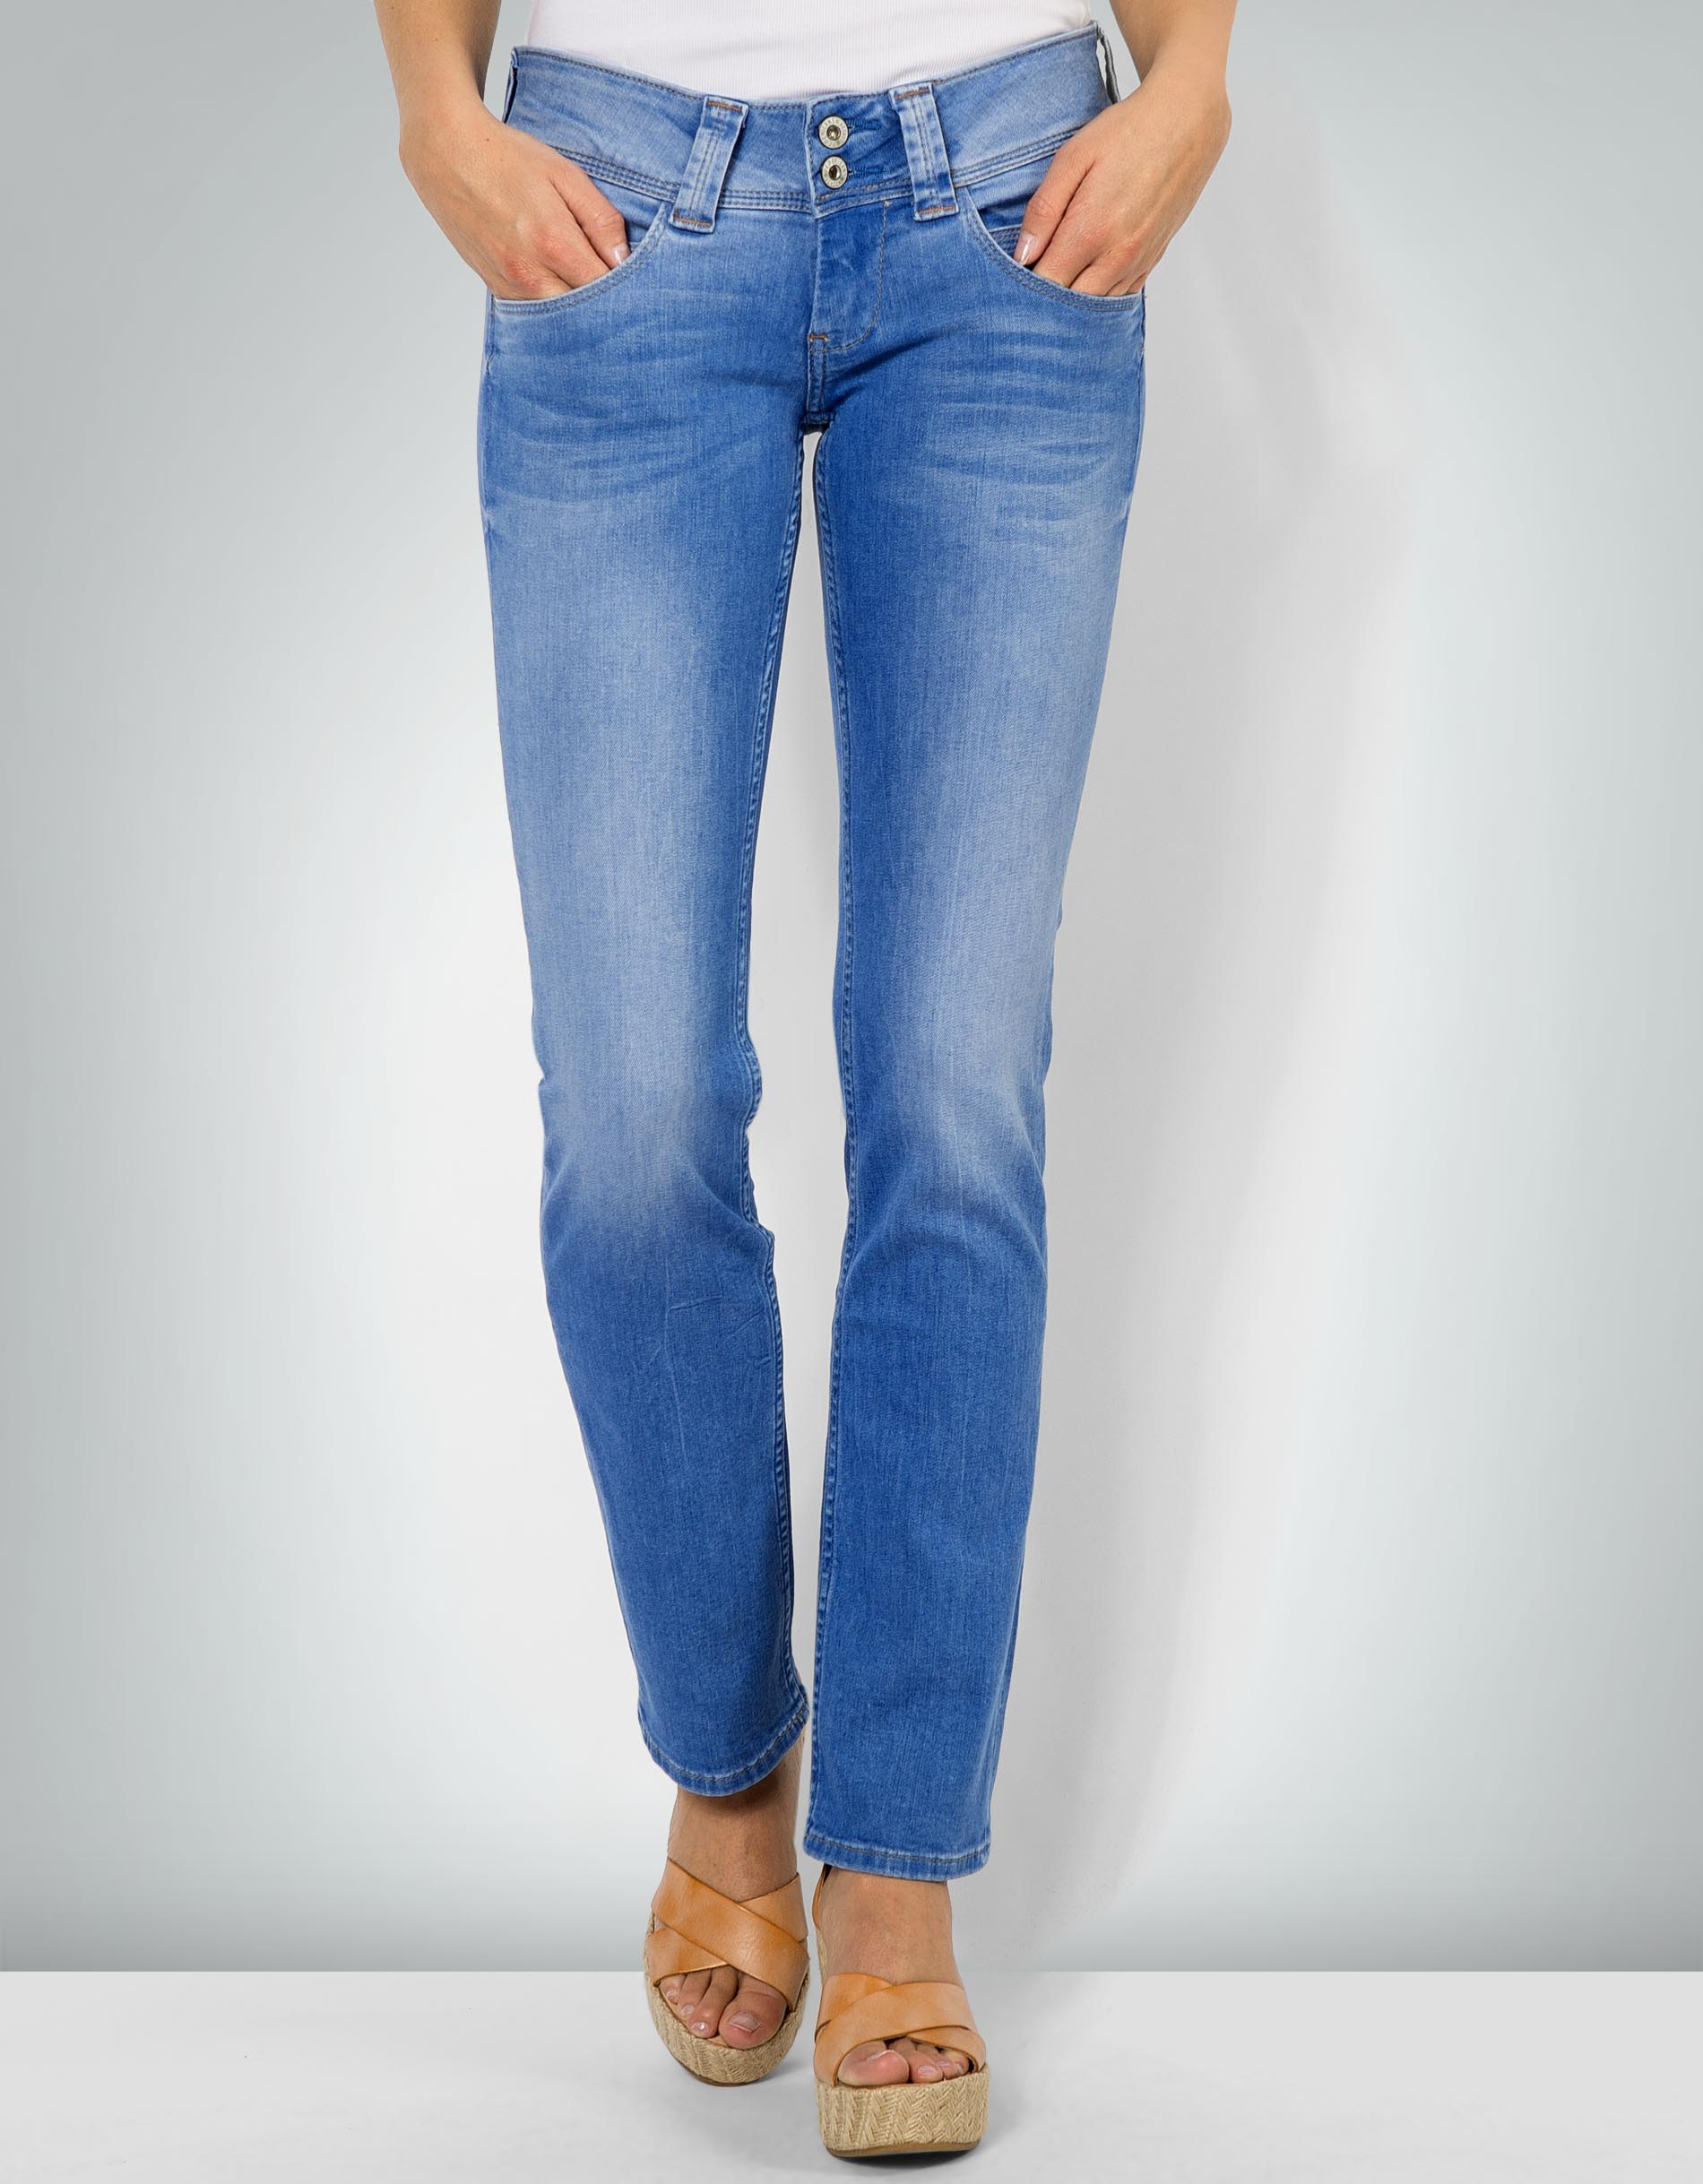 843c6473b826 Pepe Jeans Damen Venus denim Jeans mit niedrigem Bund empfohlen von Deinen  Schwestern